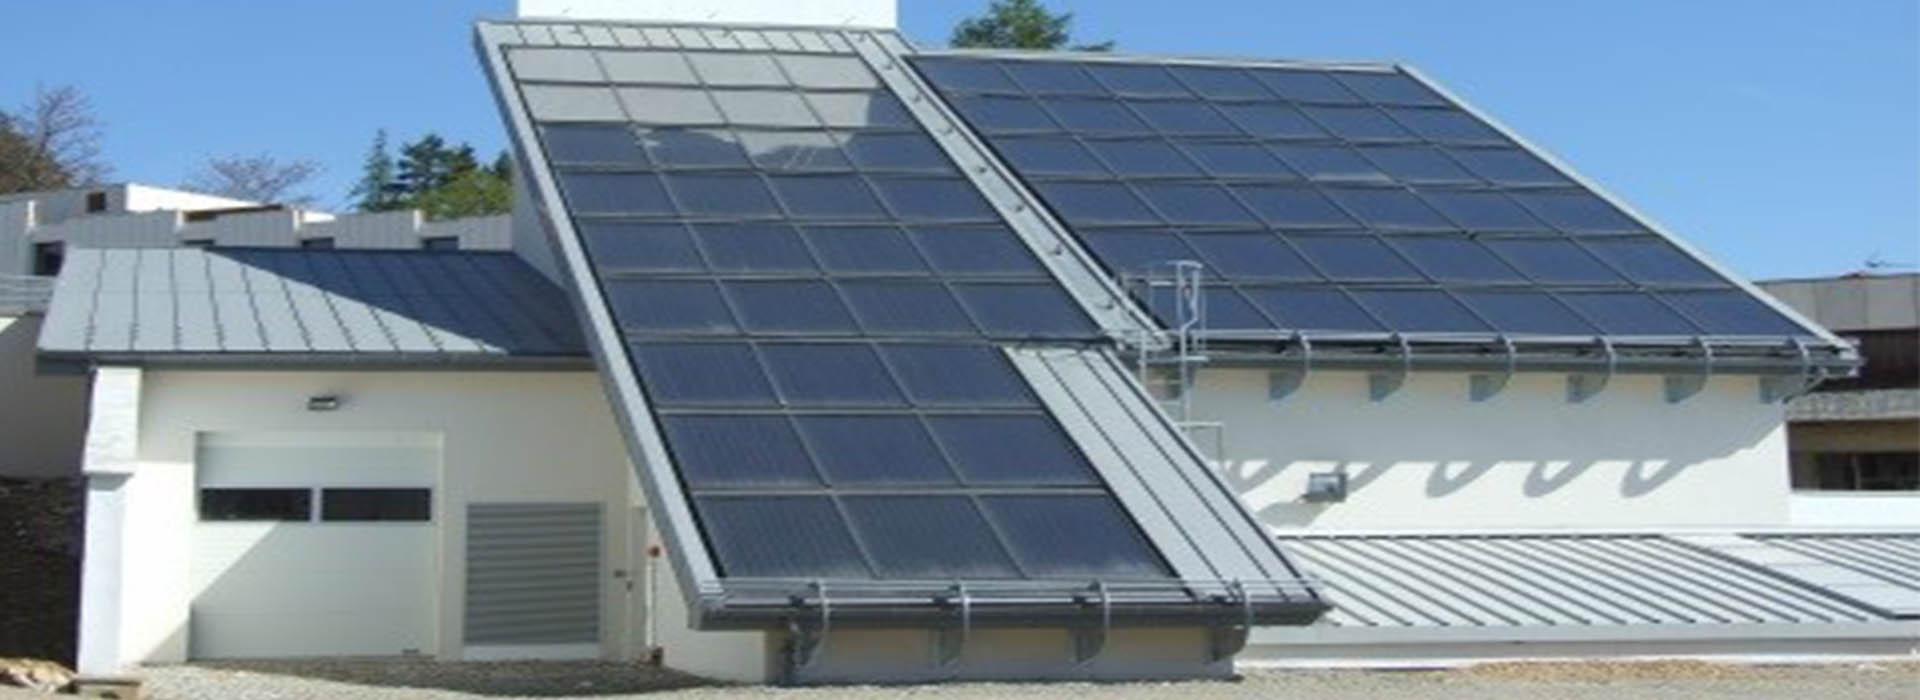 Construction d'une chaufferie bois avec réseau de chaleur et production d'eau chaude solaire pour le cem / crf Montrodat